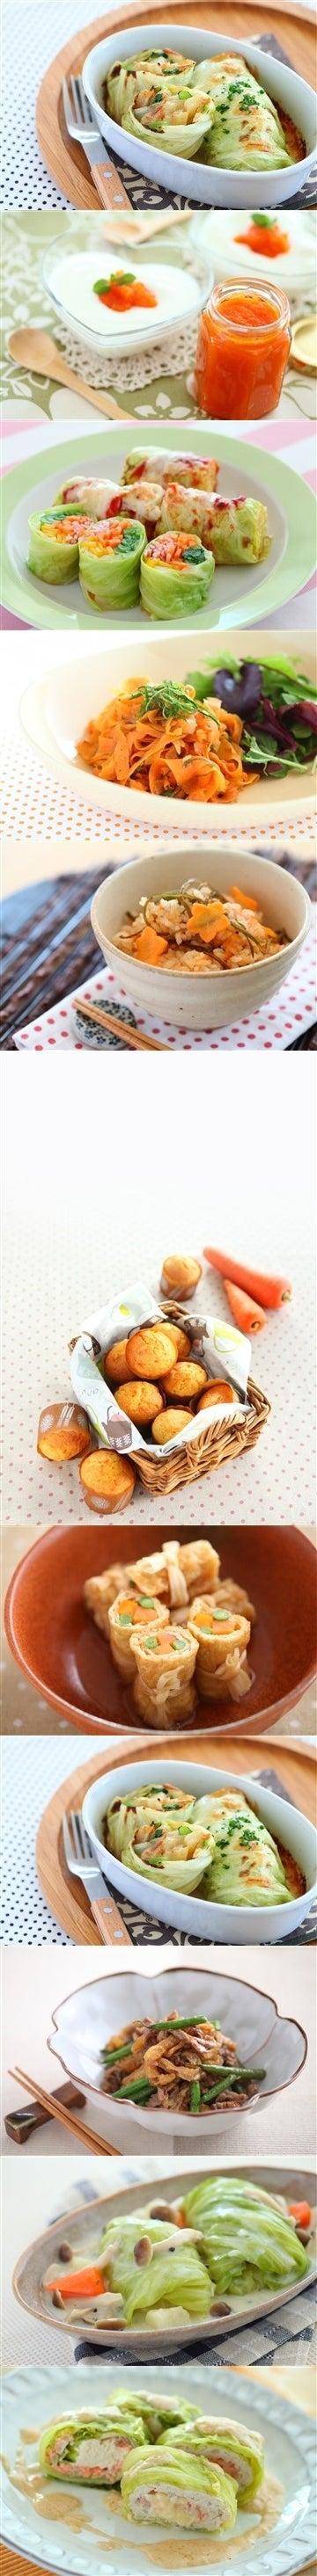 佐倉市の料理教室 野菜と雑穀できれいになる「スマイルキッチン」